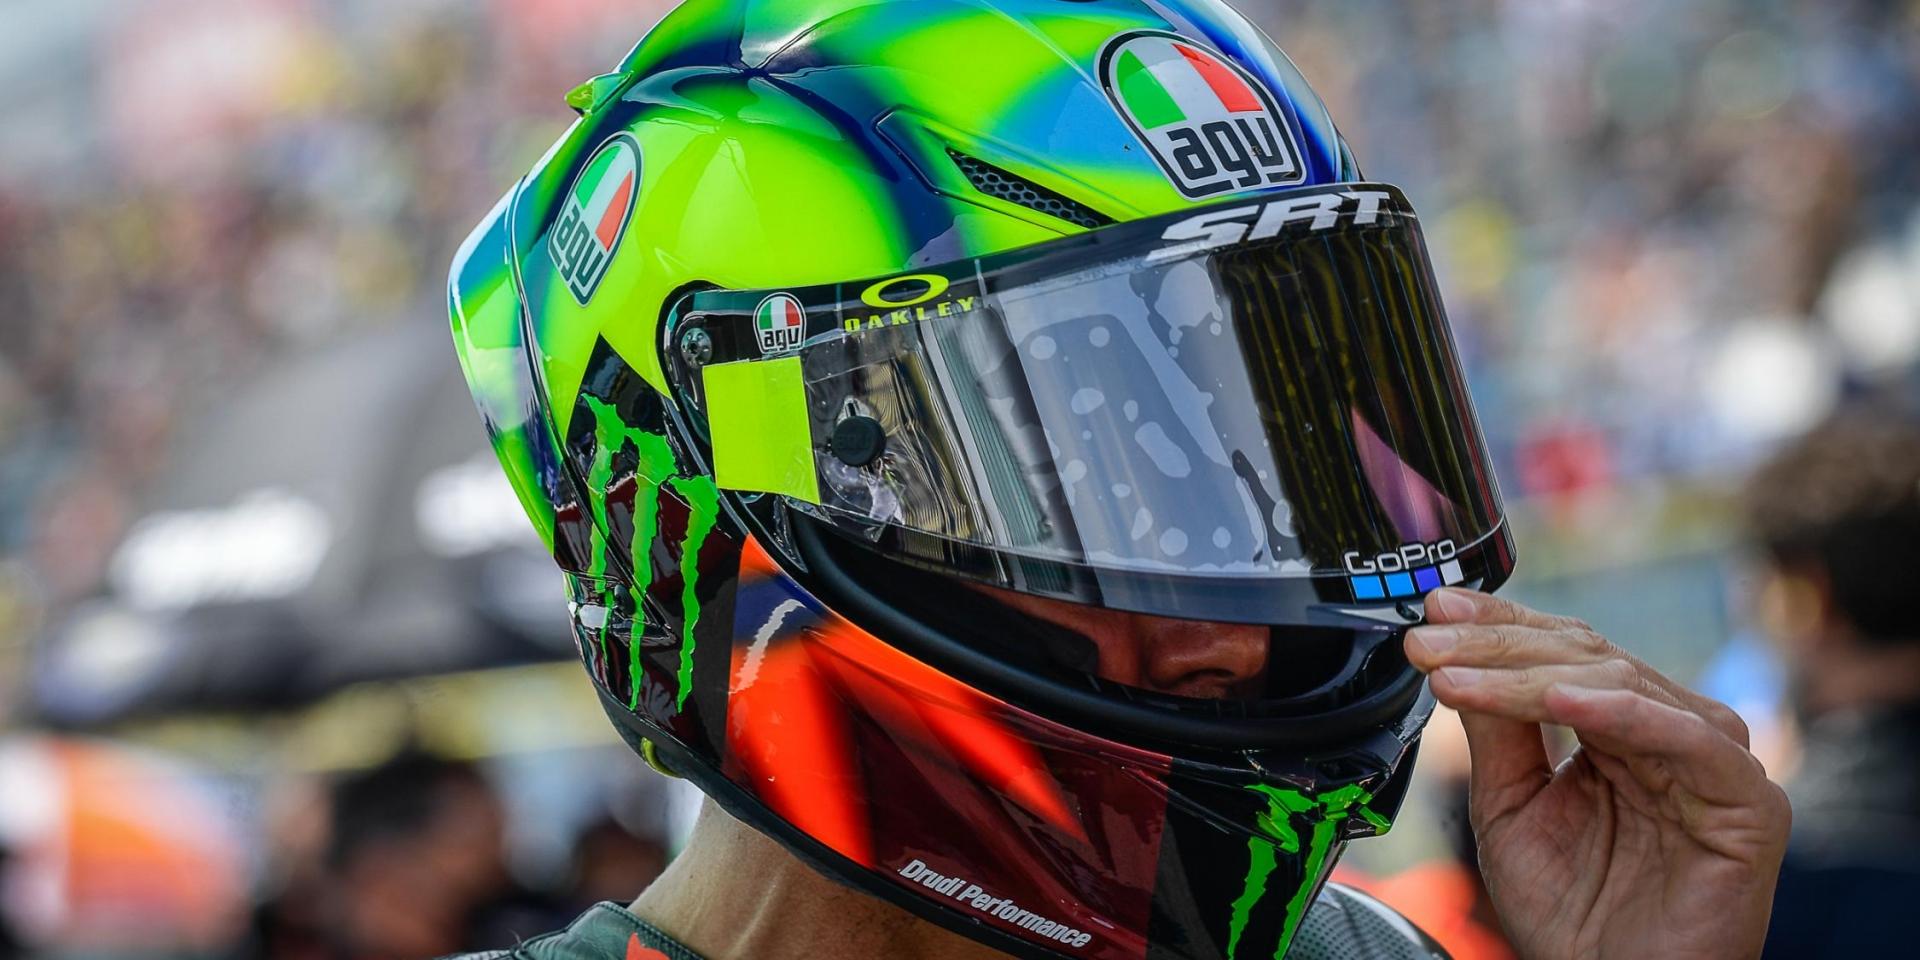 看盡22年的MotoGP改變。Valentino Rossi:空力讓MotoGP更具有物理特性,但並不會改變風格!